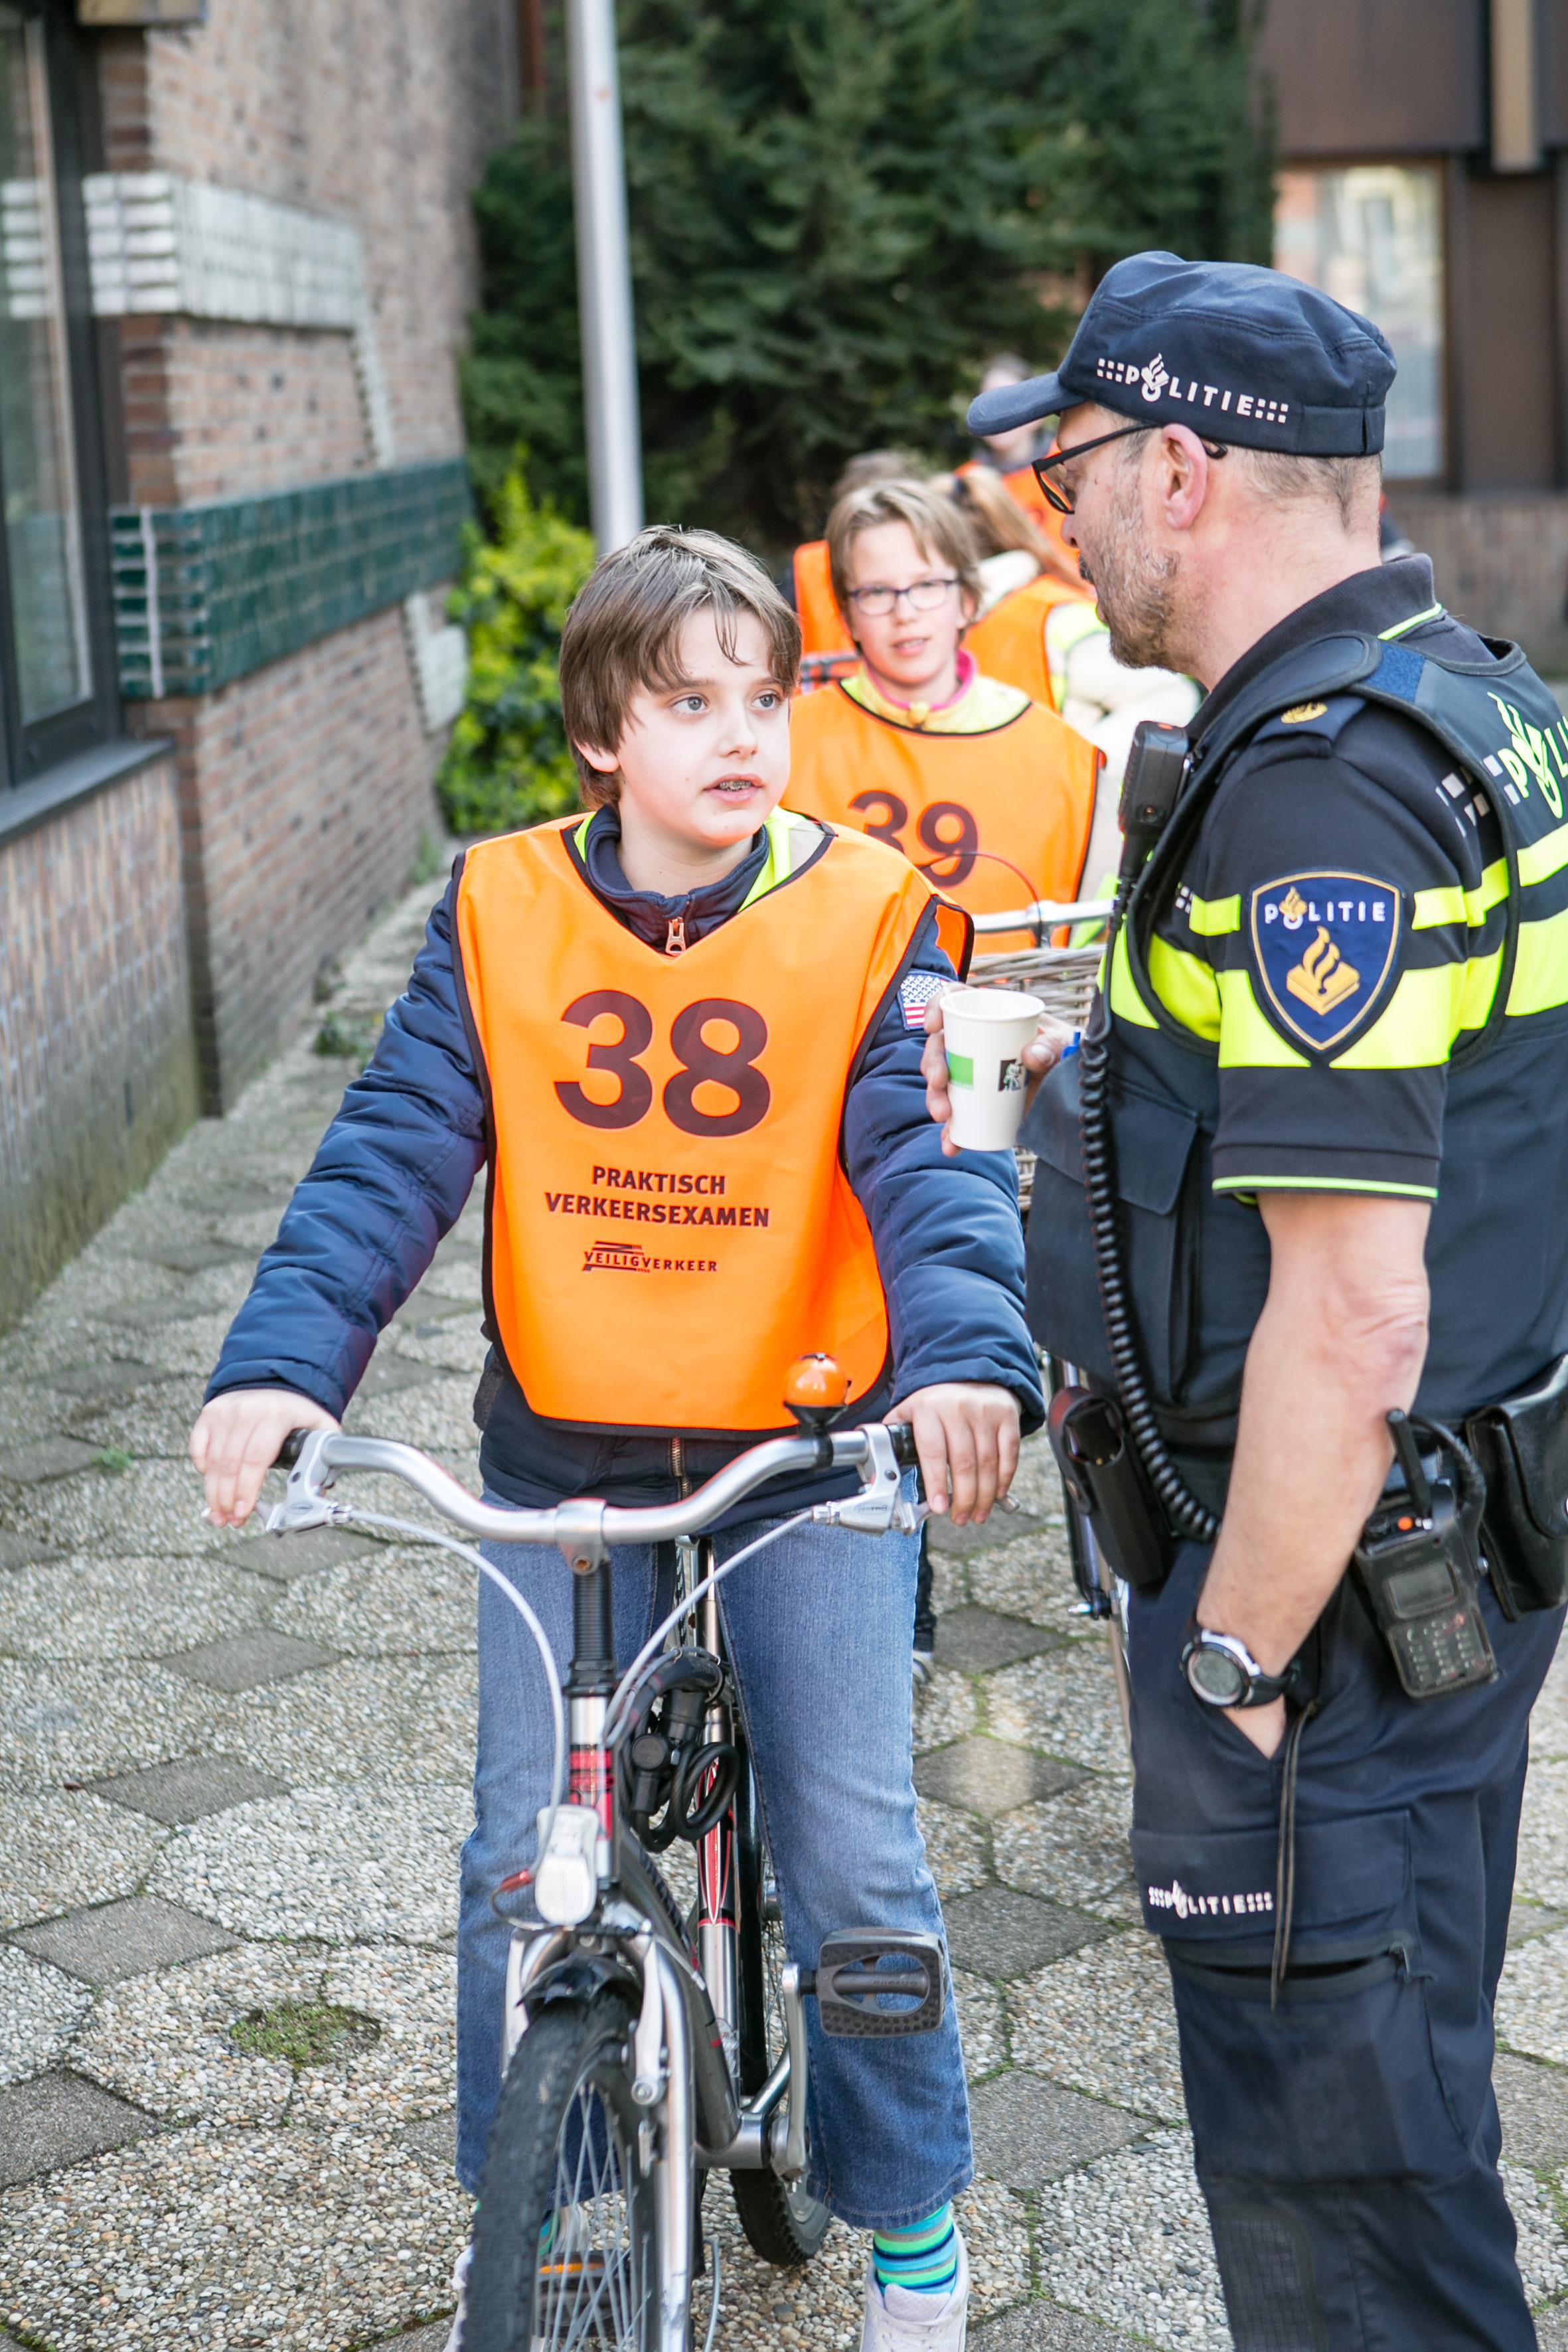 verkeersexamen foto eric van nieuwland 080329